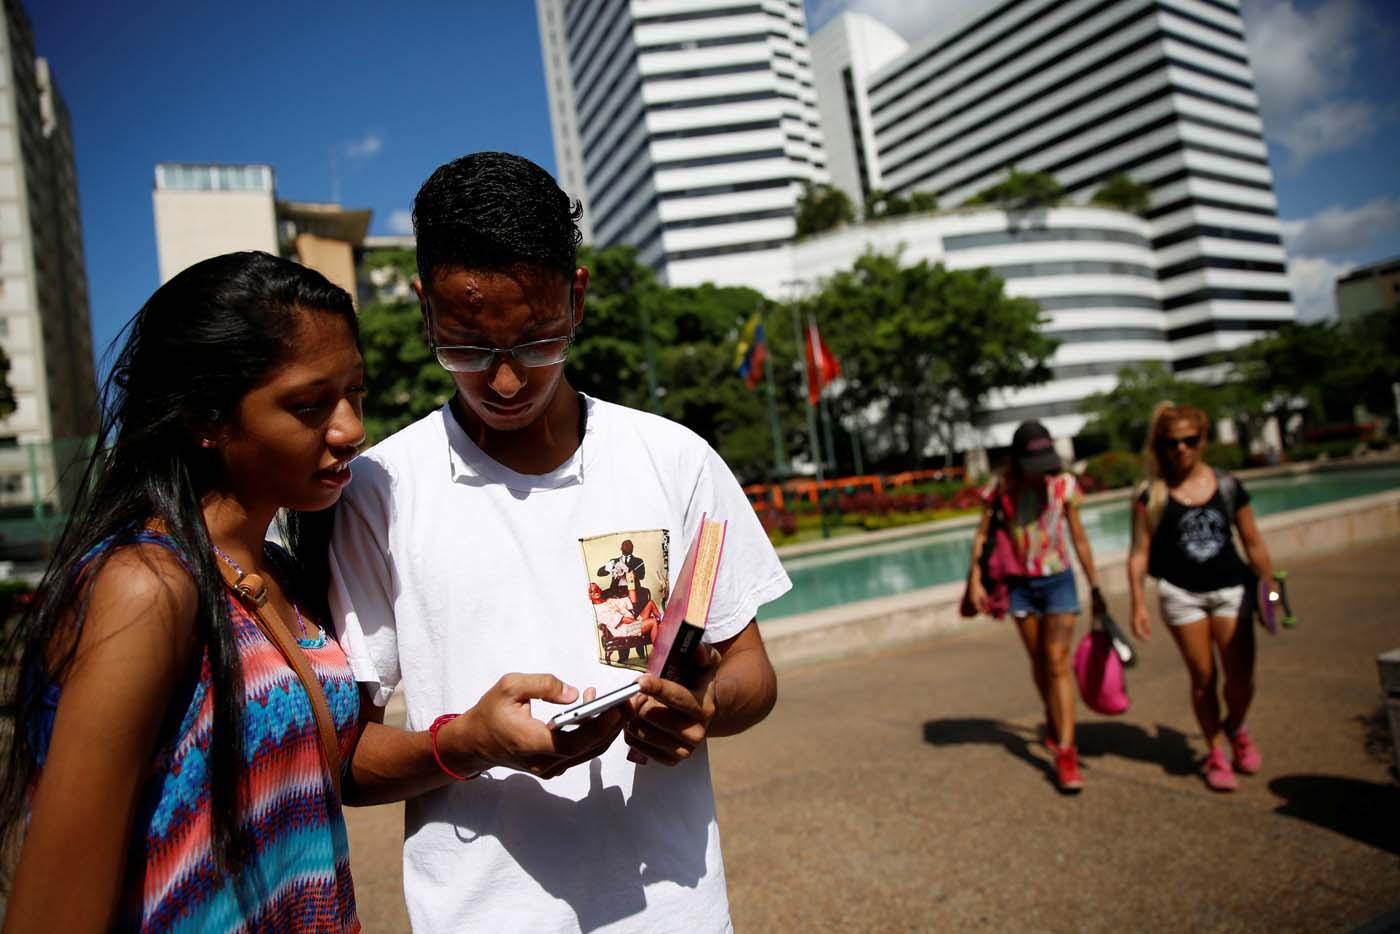 """(Foto Reuters) Cada vez que sale a las calles de Caracas para capturar a los pequeños monstruos de Pokémon Go, Cristian Fragoza desafía la feroz inseguridad que golpea a Venezuela, uno de los países más violentos del mundo. por Esteban ROJAS/AFP Frente a un centro comercial, este estudiante de filosofía de 18 años y un grupo de jóvenes que fraternizaron por internet se divierten con el juego de realidad aumentada, mirando absortos las pantallas de sus teléfonos móviles por si aparece un Pokémon. """"Somos una resistencia contra los delincuentes"""", dijo Fragoza, """"enamorado"""" de un pasatiempo que en este país tampoco"""